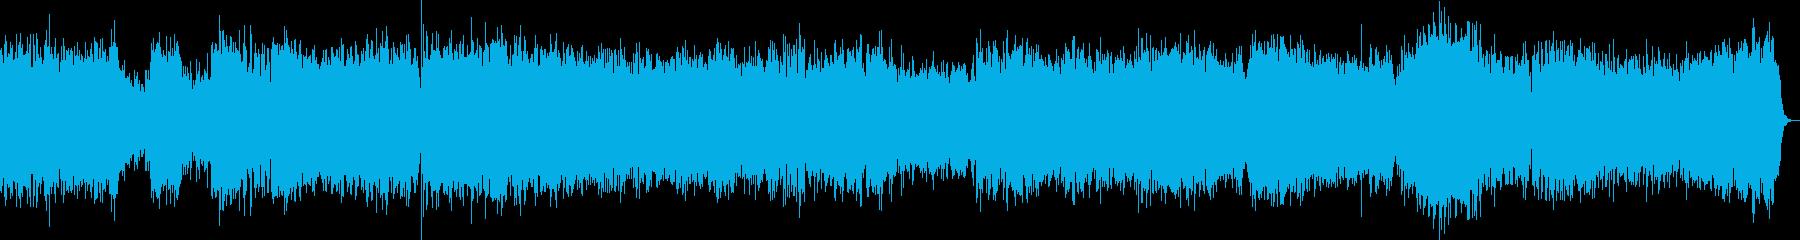 ブランデンブルク協奏曲2番1楽章/バッハの再生済みの波形